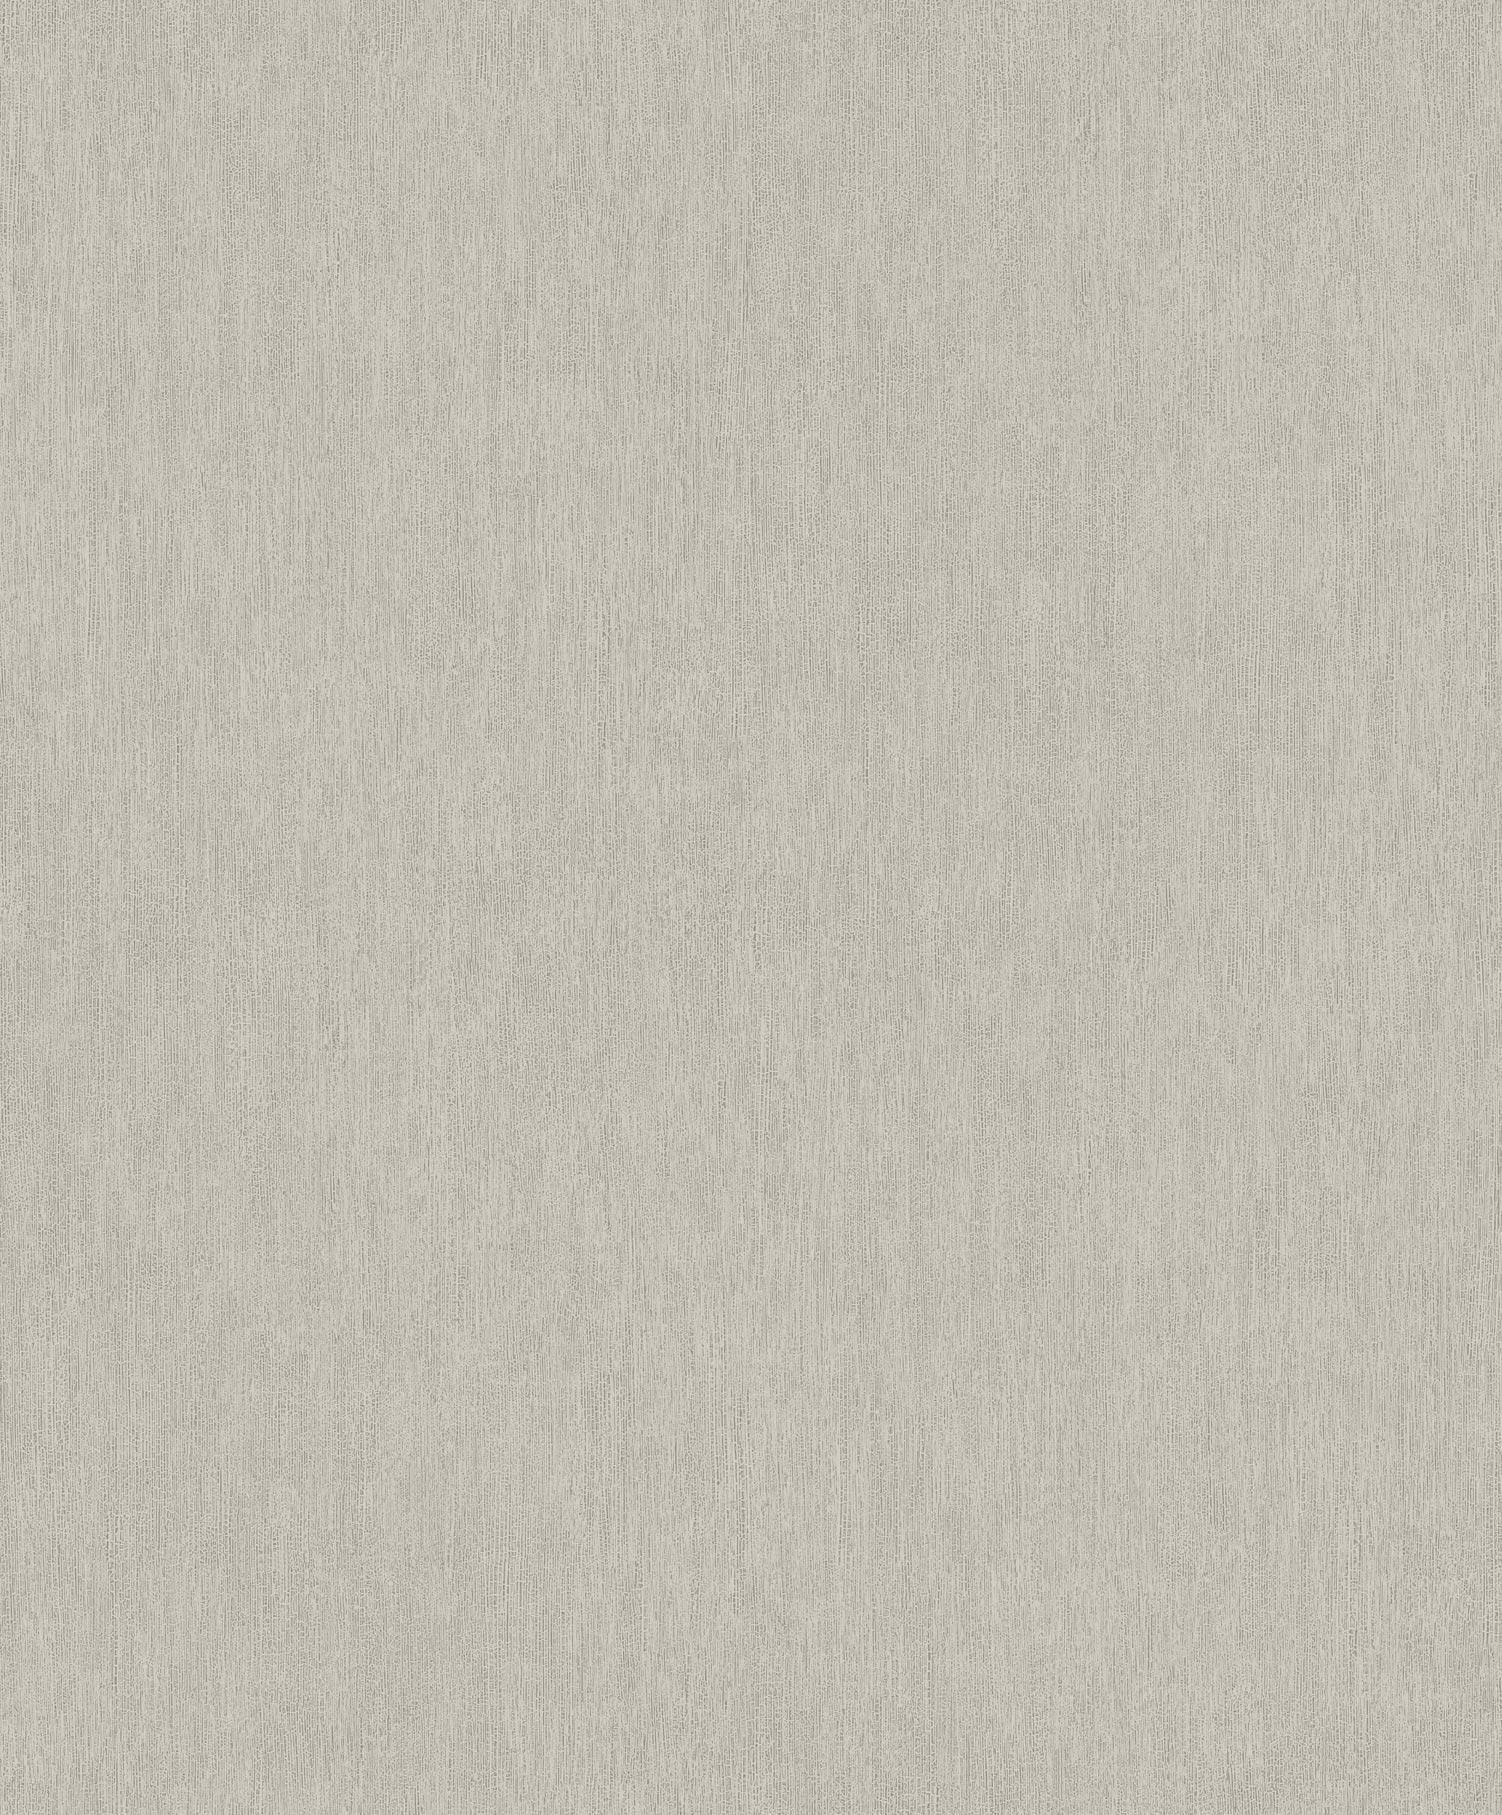 Обои Ugepa Couleurs j75108 (Угепа)